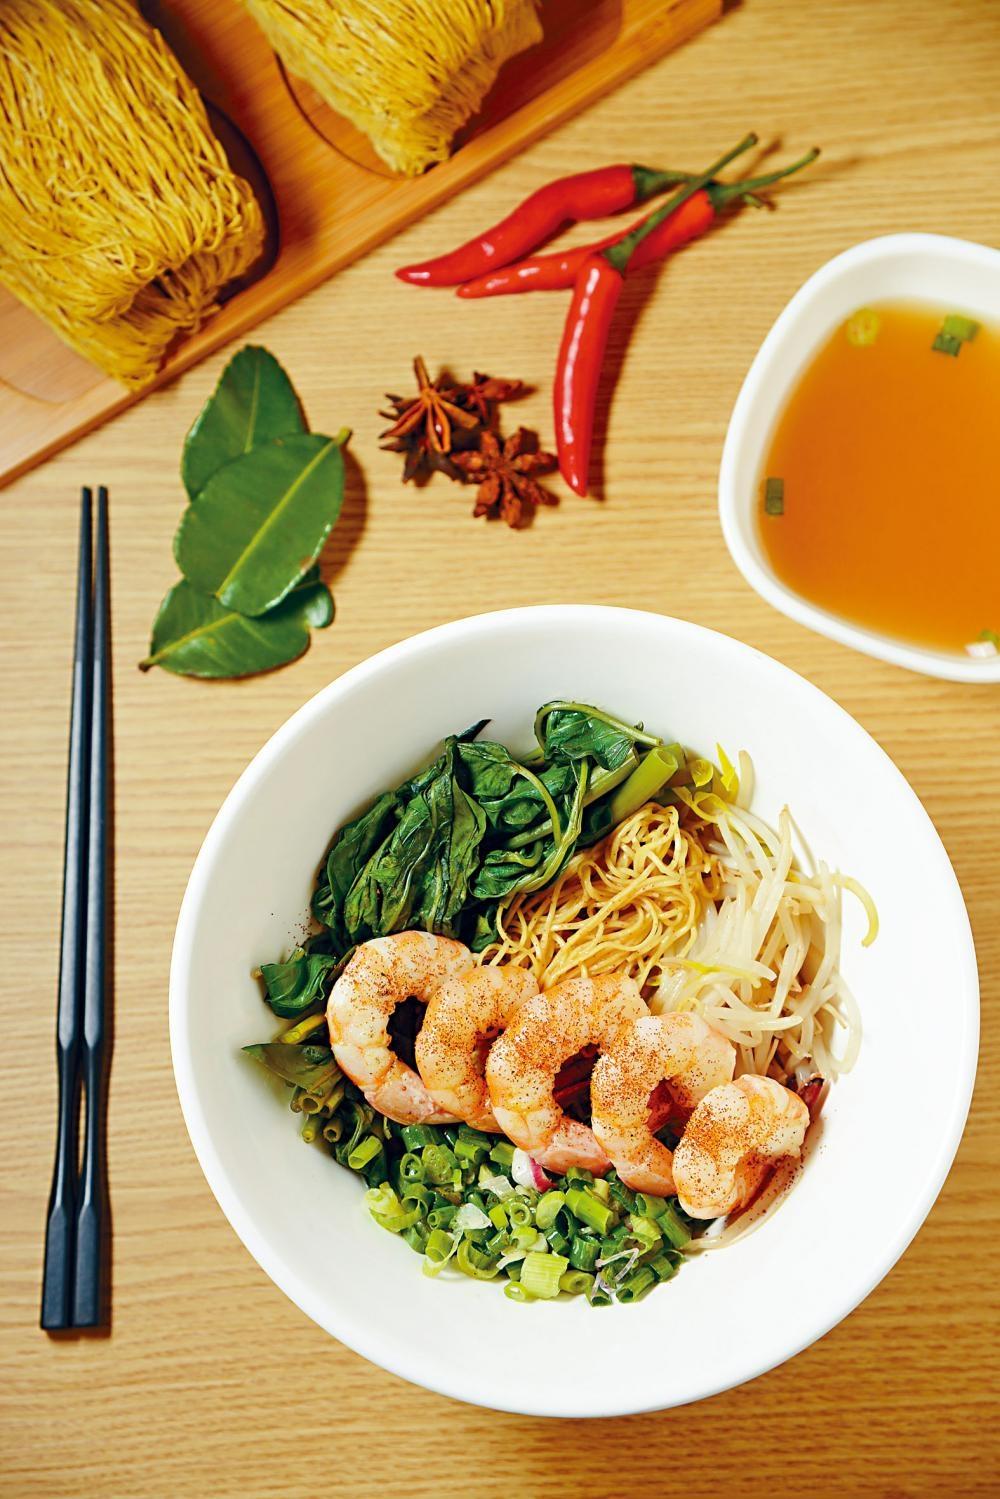 三蝦撈麵每箸麵都充滿蝦鮮味,碗裏除有蝦子、本地海蝦及蝦子麵,更淋上熱燙葱油,讓蝦香四溢。